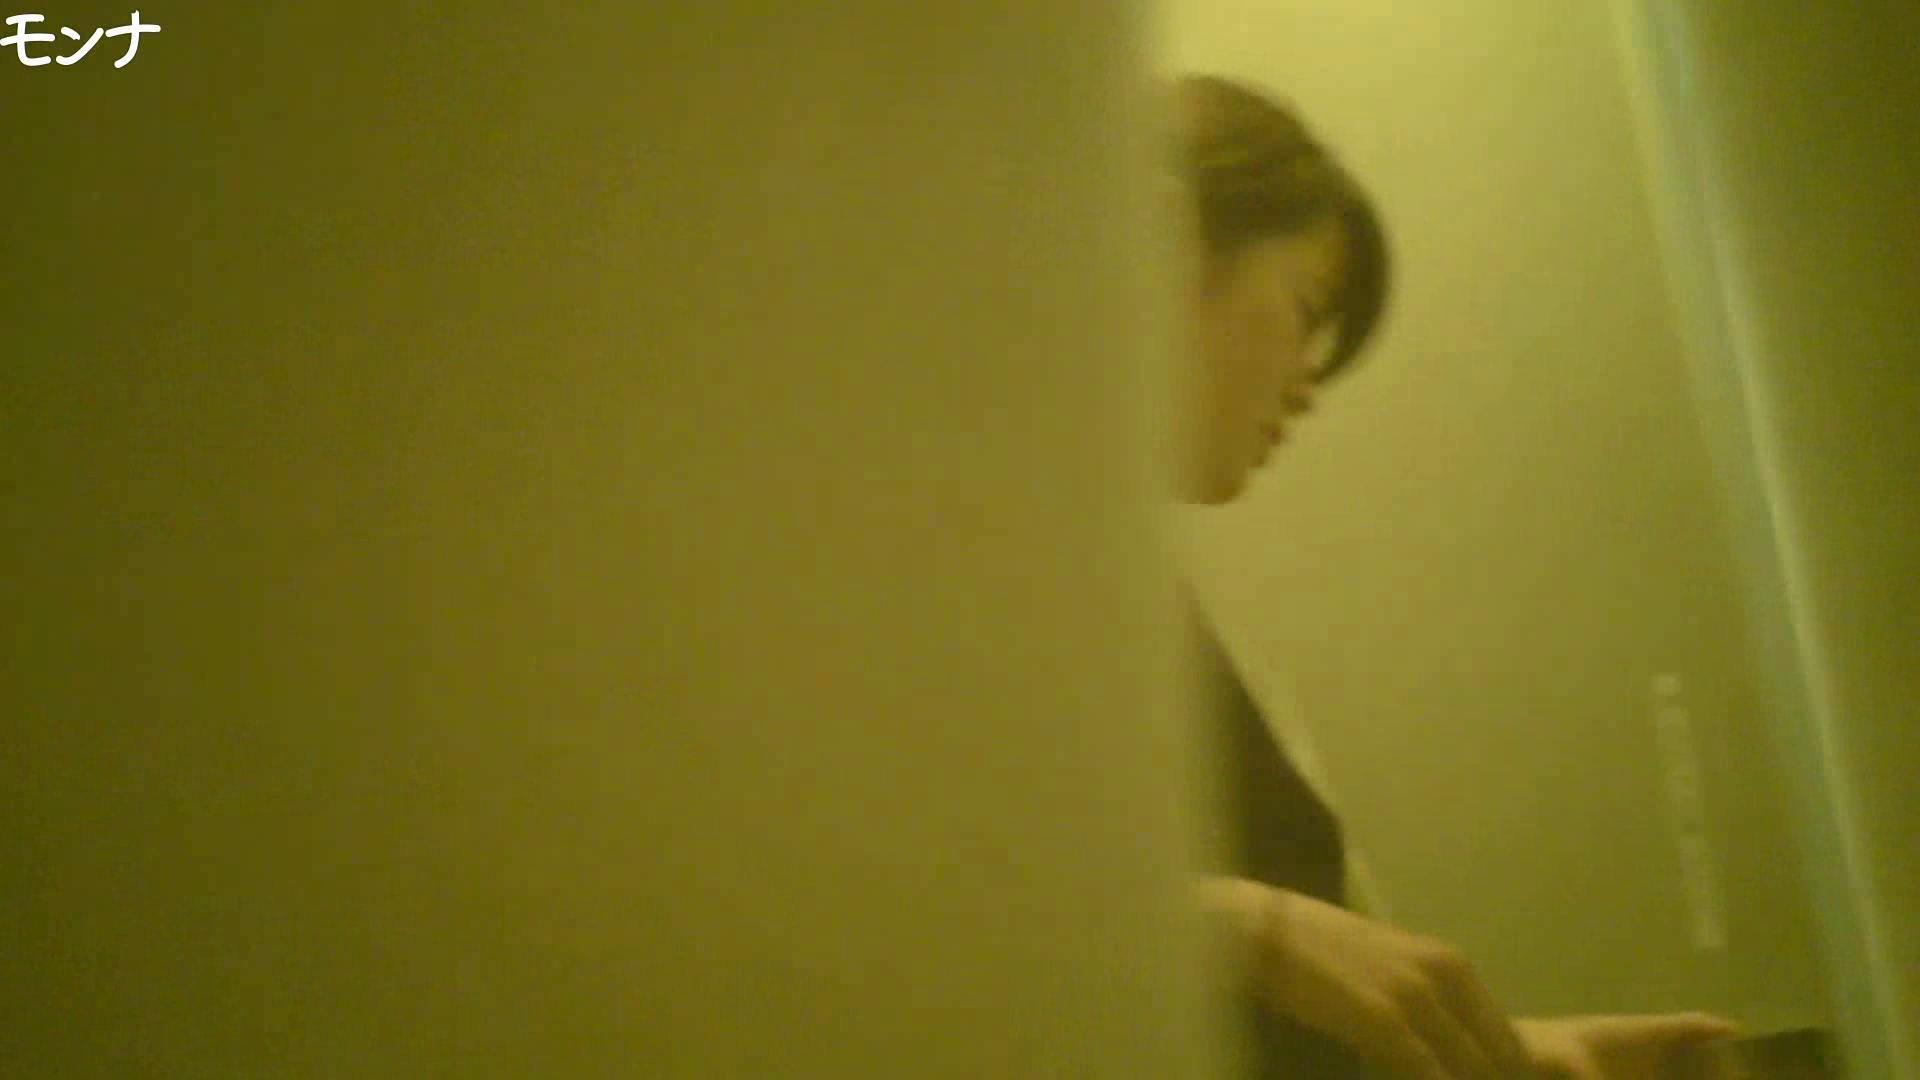 有名大学女性洗面所 vol.66 清楚系女子をがっつり!! 洗面所 オメコ動画キャプチャ 96連発 93